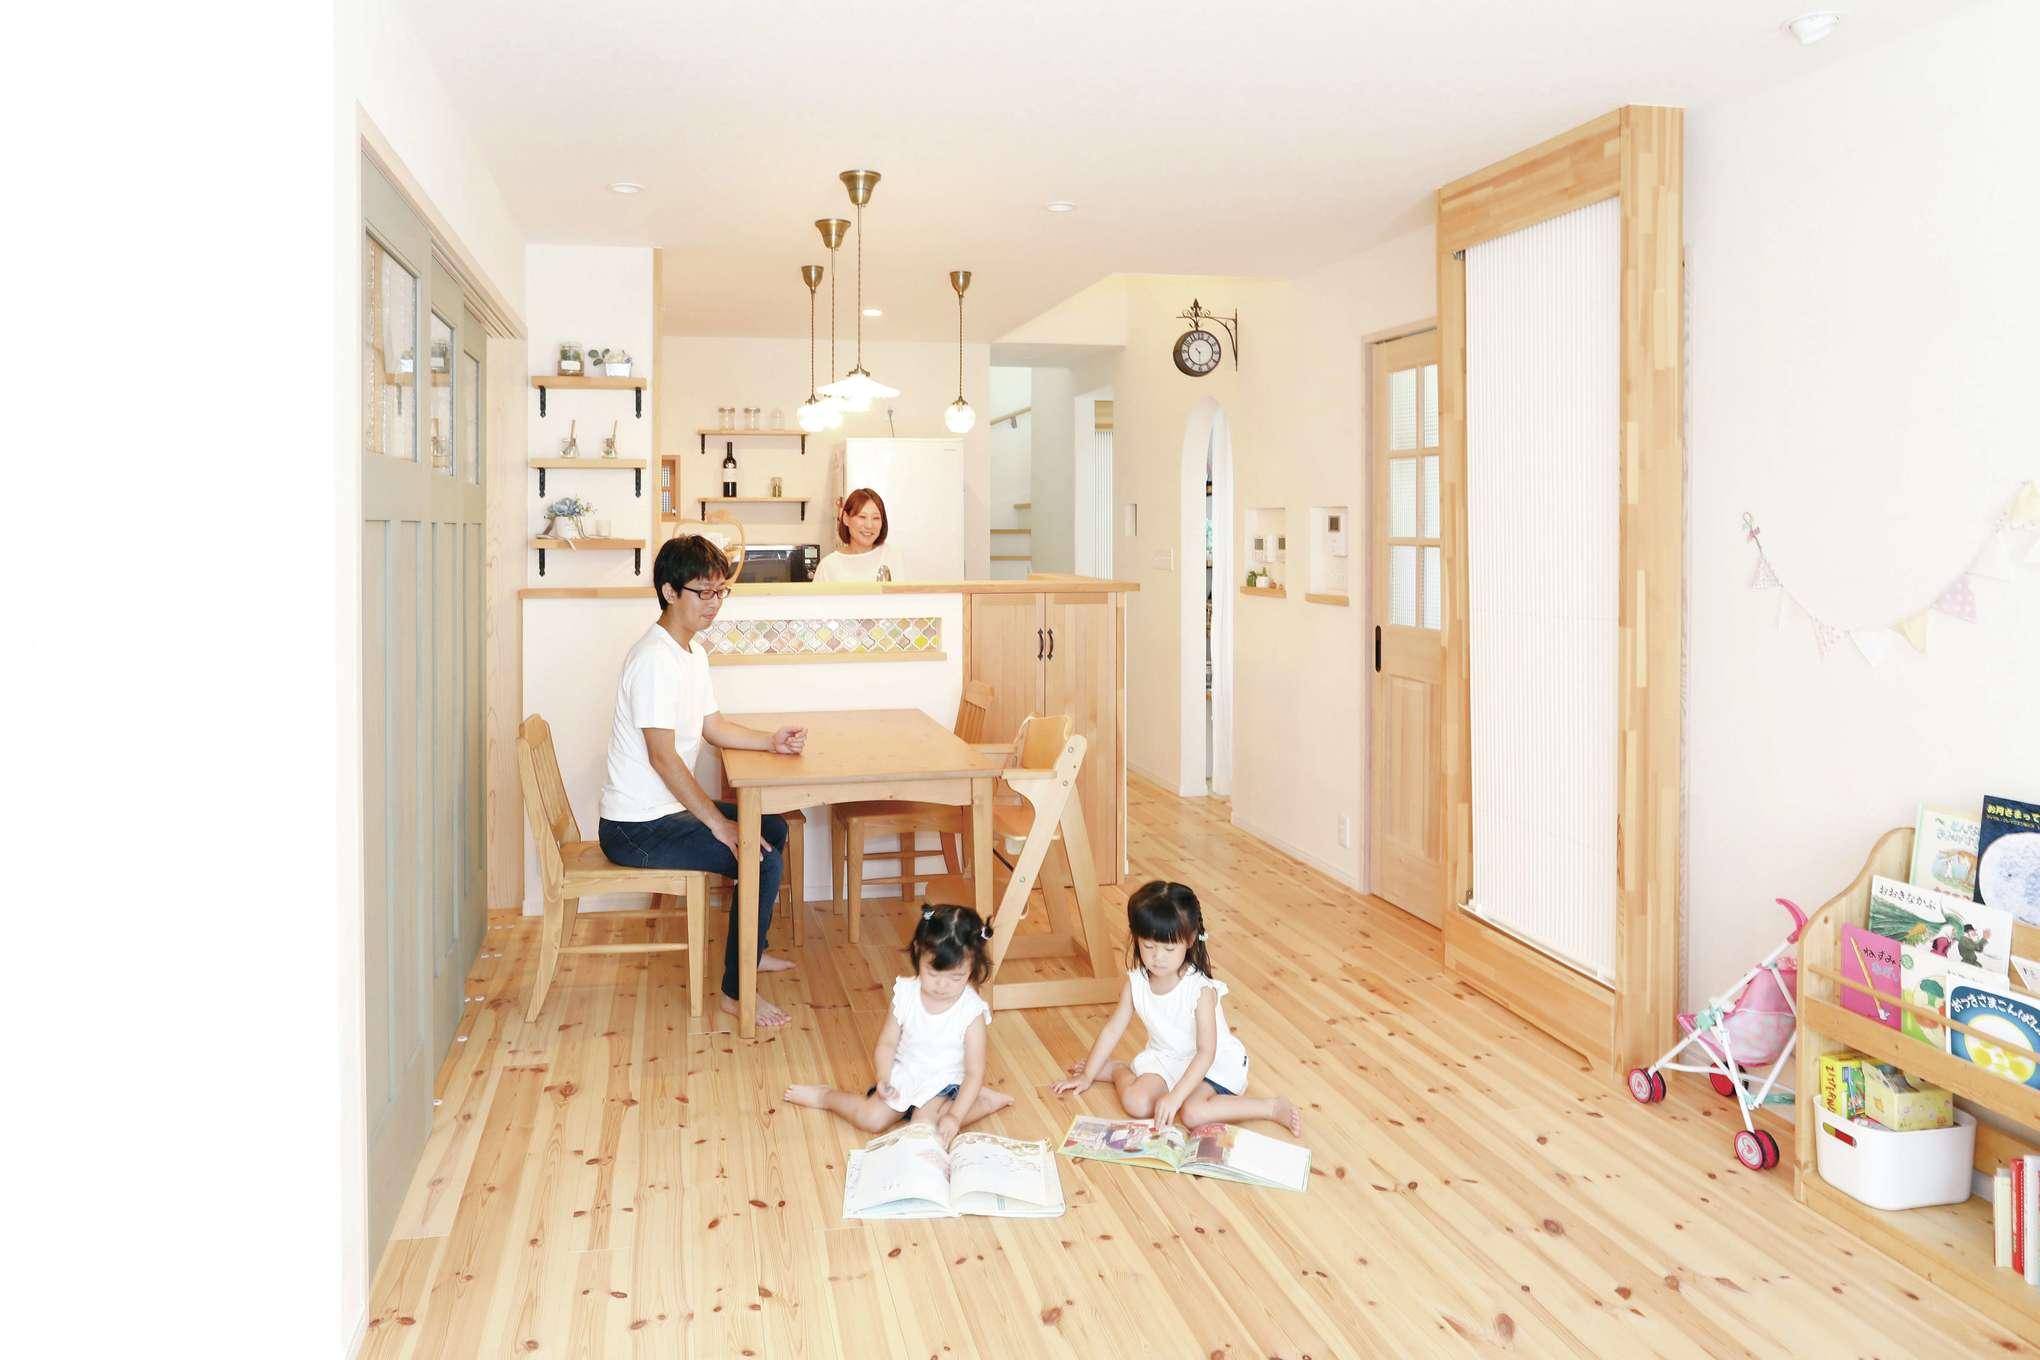 誠一建設 【デザイン住宅、自然素材、省エネ】パイン無垢材の床や「クール暖」の木製パネルに、雑貨や照明がよく似合う。スペイン漆喰は殺菌効果や調湿効果があり、空気も爽やかだ。緑の扉の向こうには和室がある